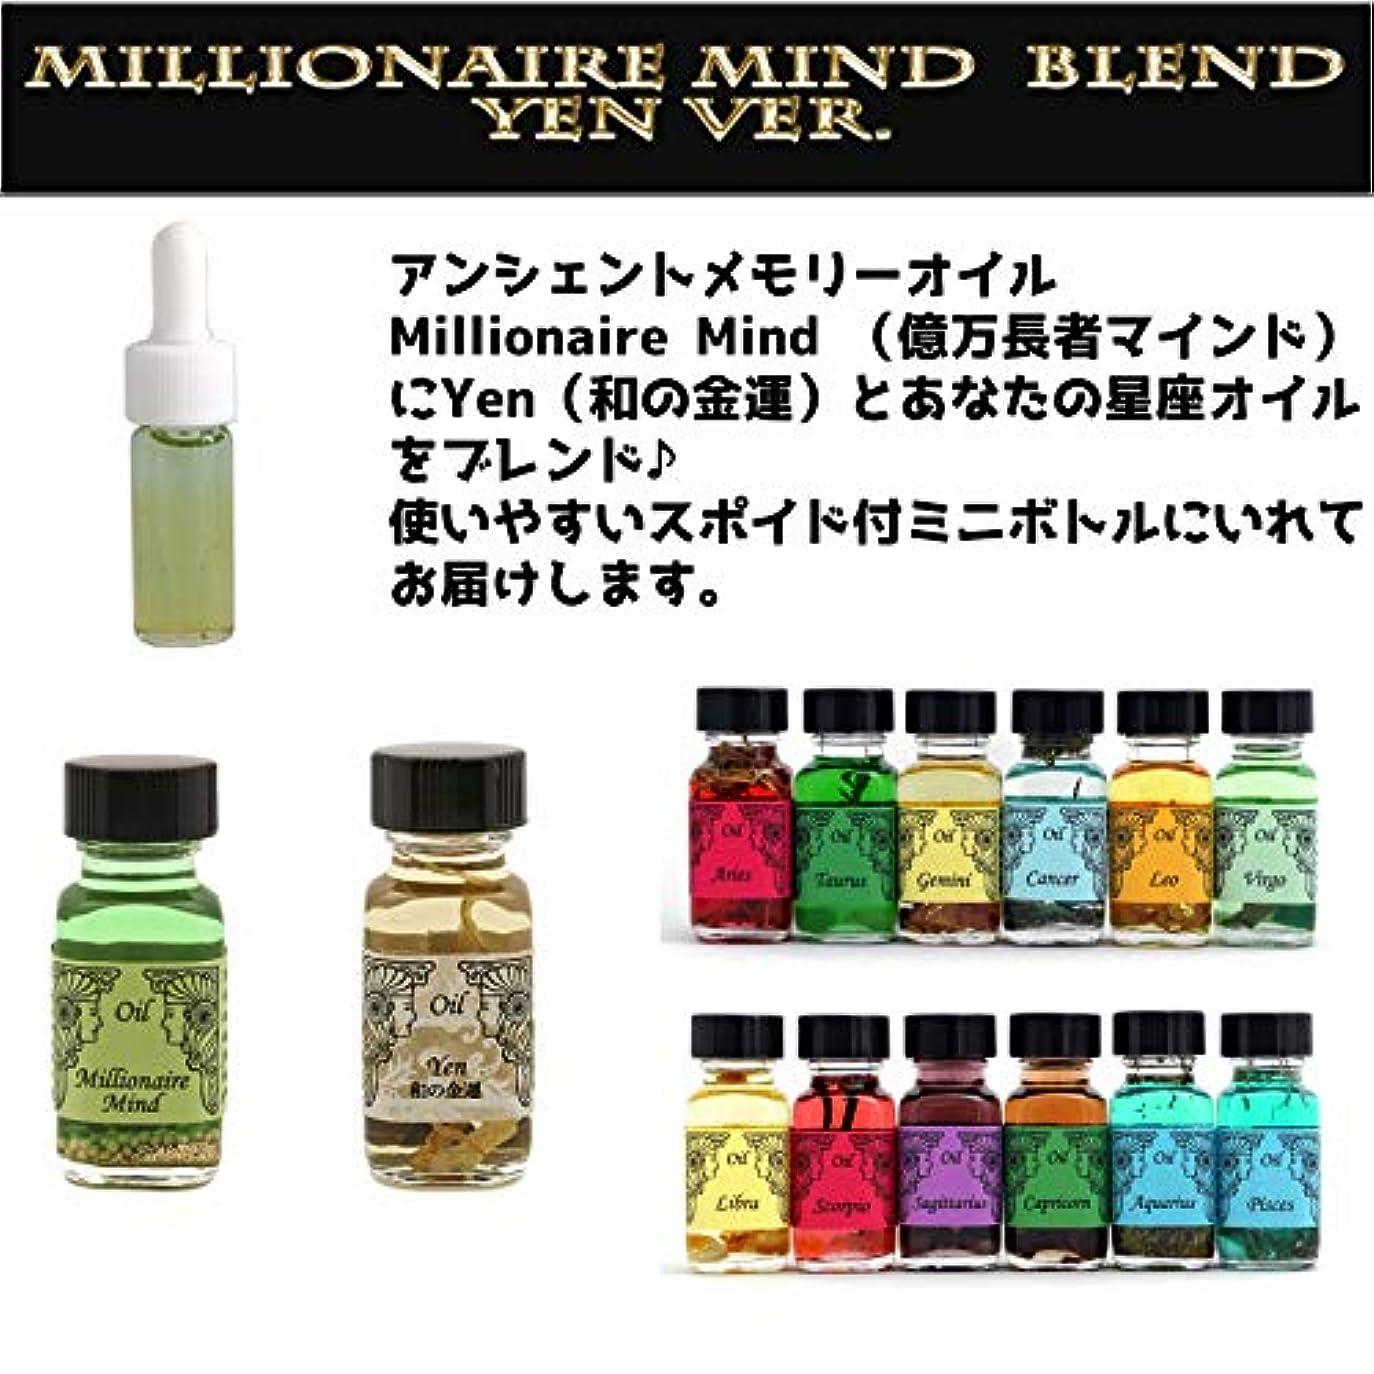 レギュラー縫う自治アンシェントメモリーオイル Millionaire Mind 億万長者マインド ブレンド【Yen 和の金運&おうし座】